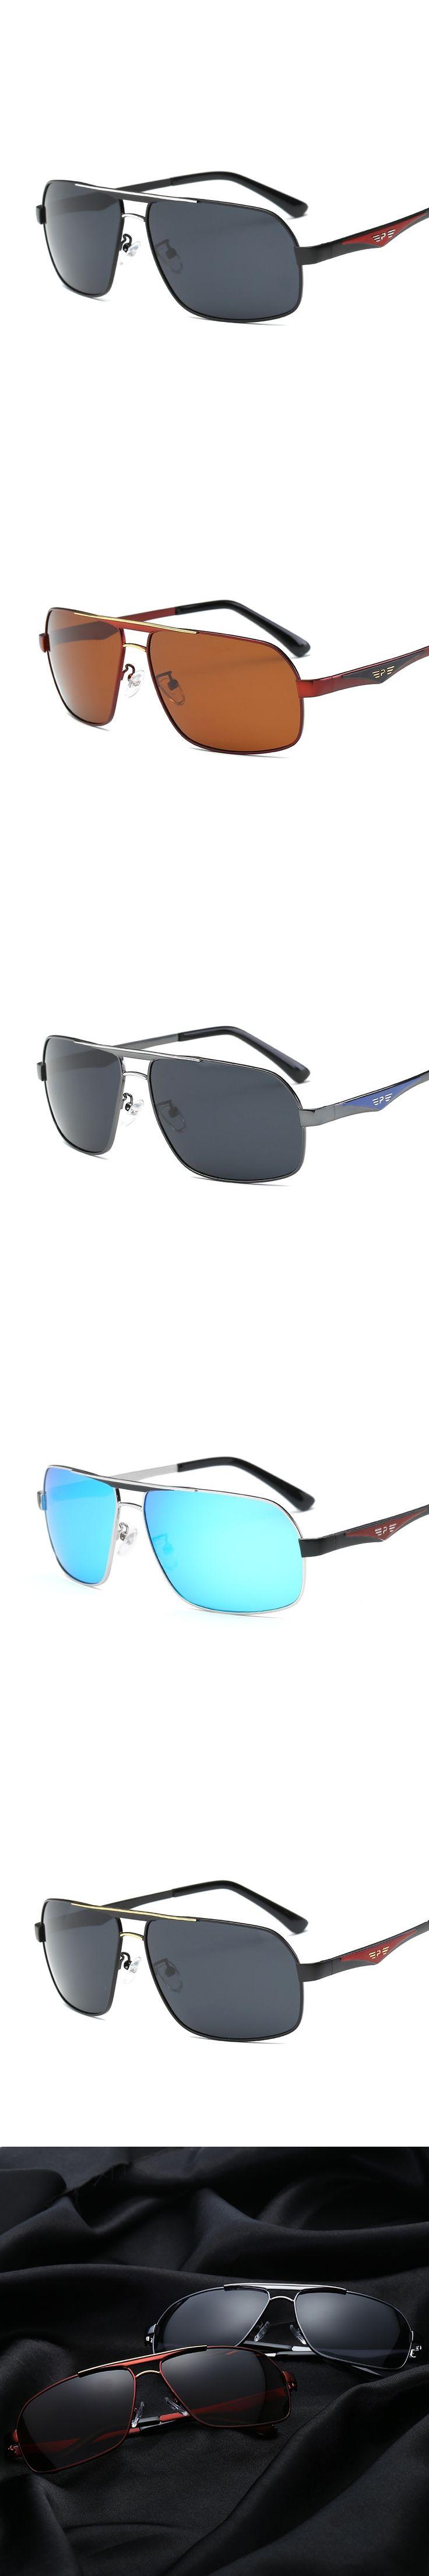 Brand Designer Polarized Sunglasses Men Polaroid Goggle Sunglass Male Driving Sun Glasses for Men Oculos De Sol fly fishing